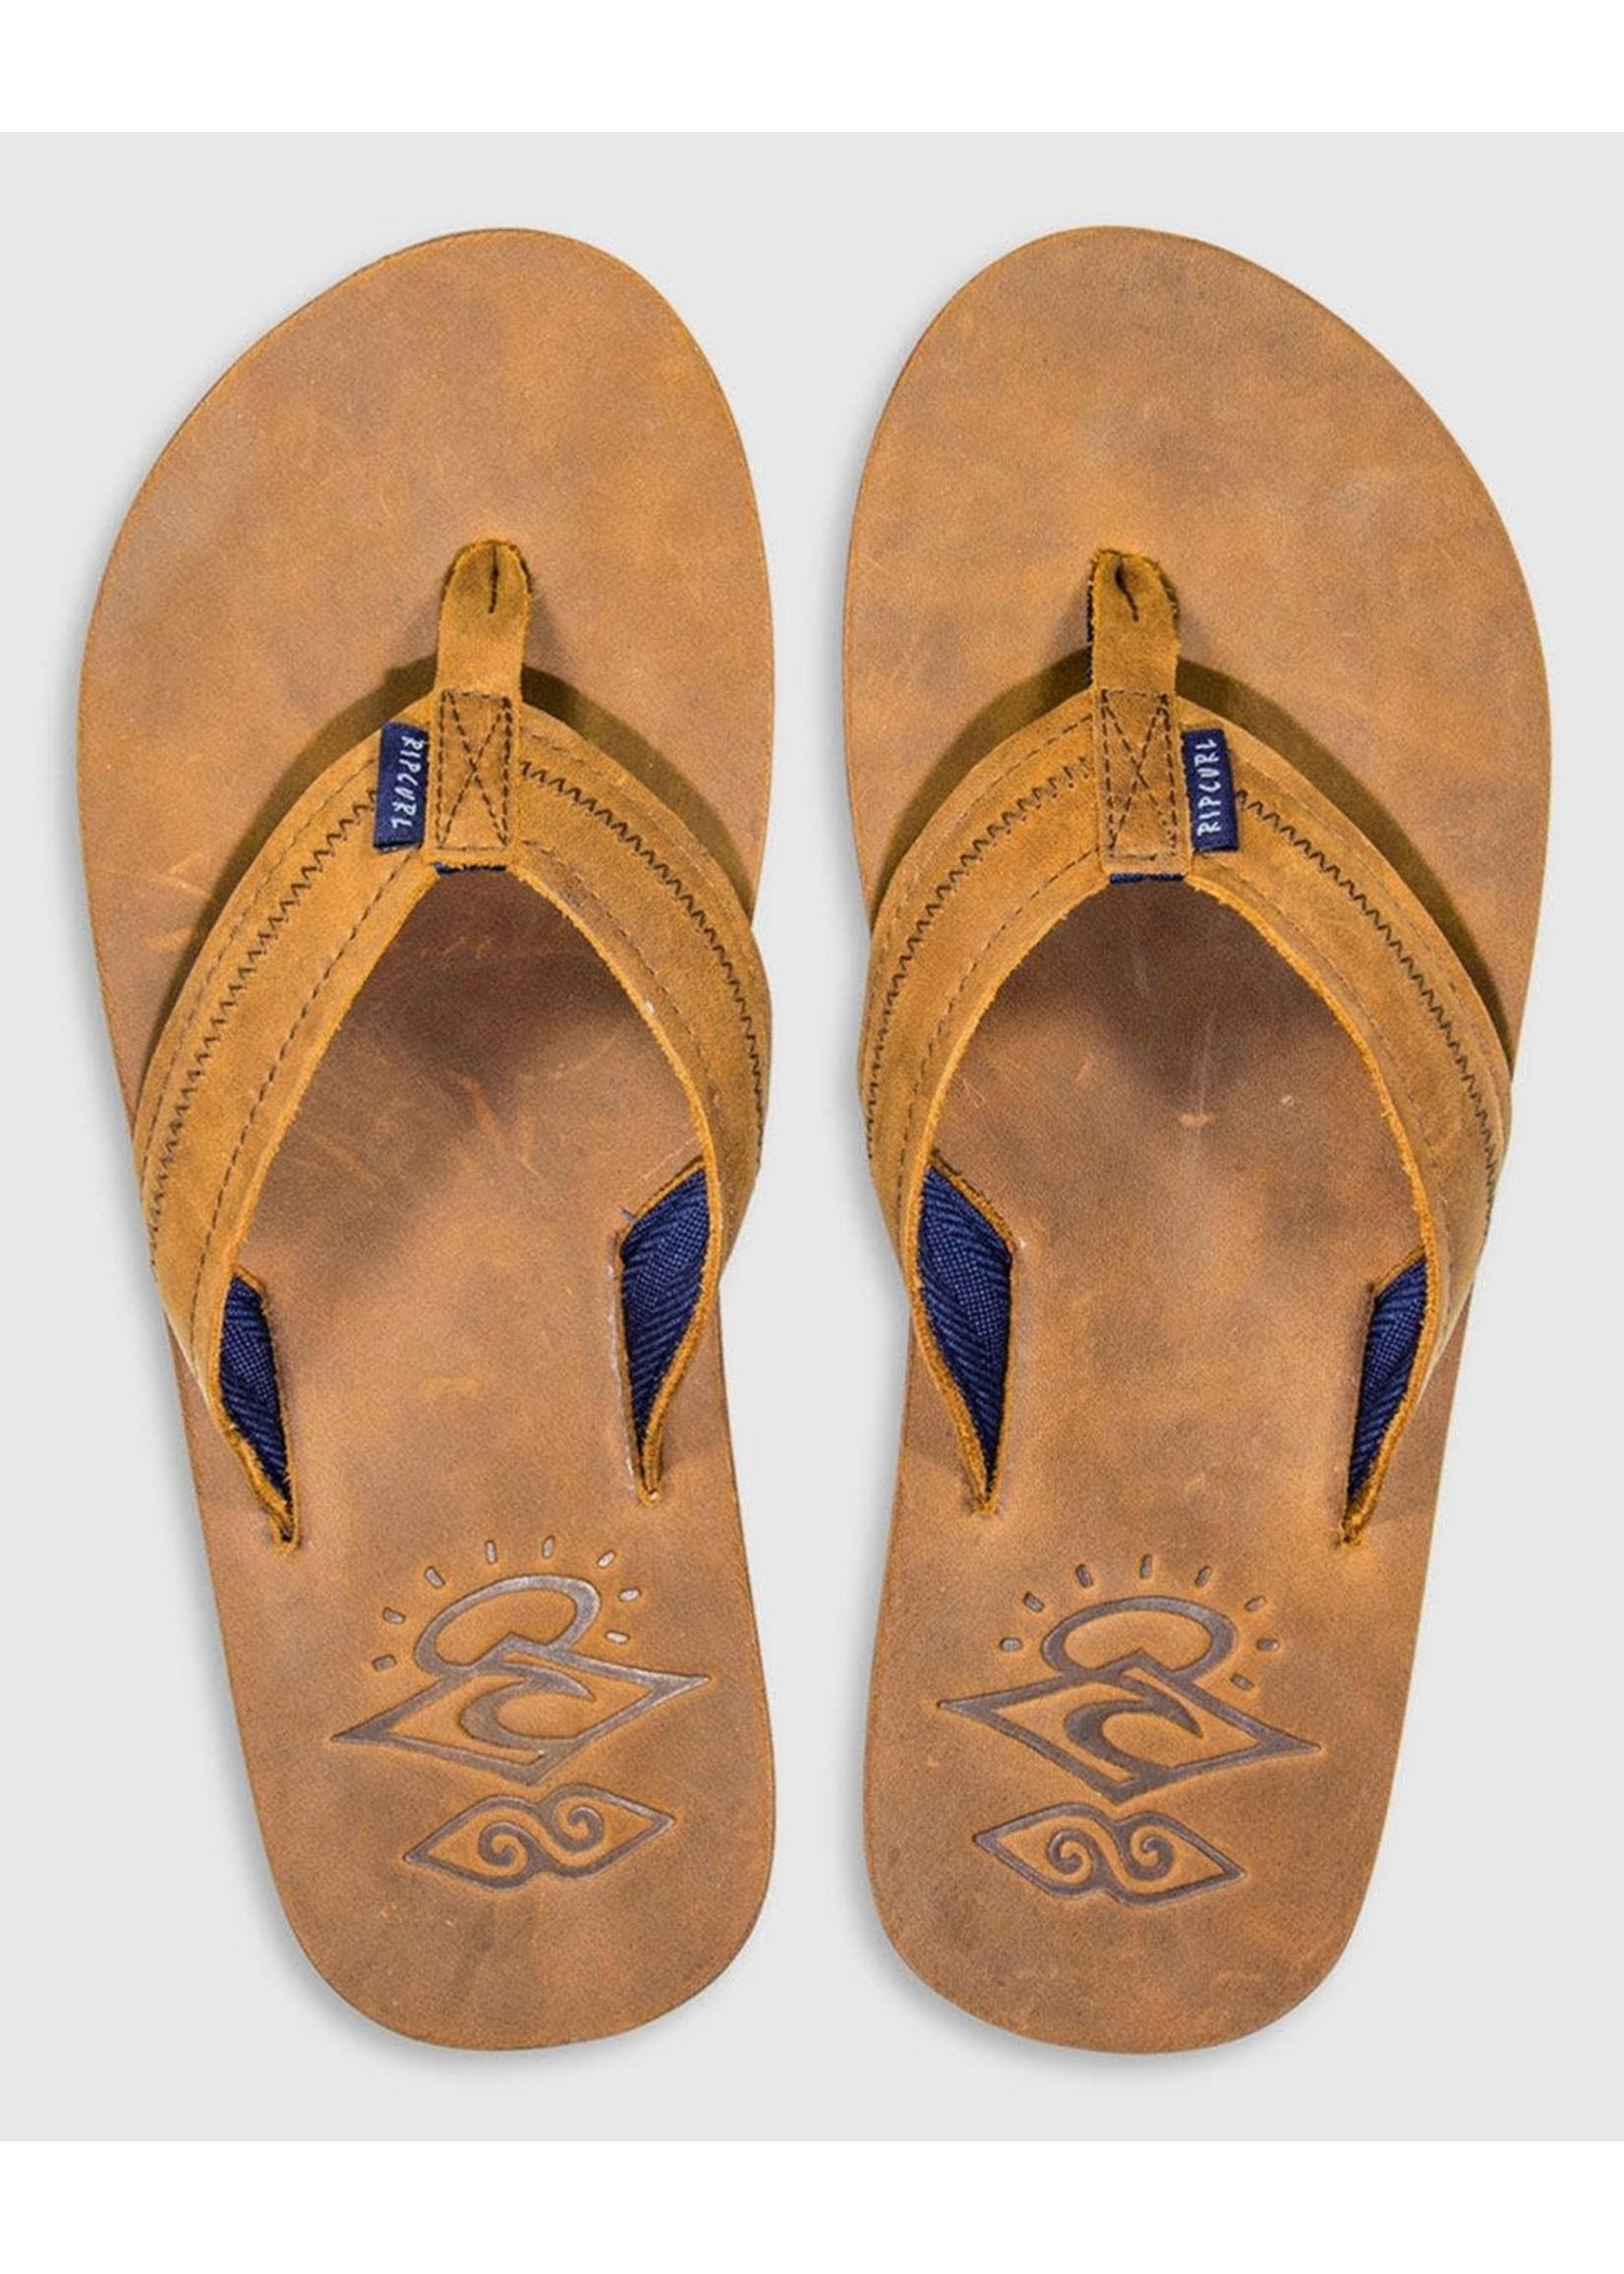 Ripcurl Ripcurl The Trestles Sandals